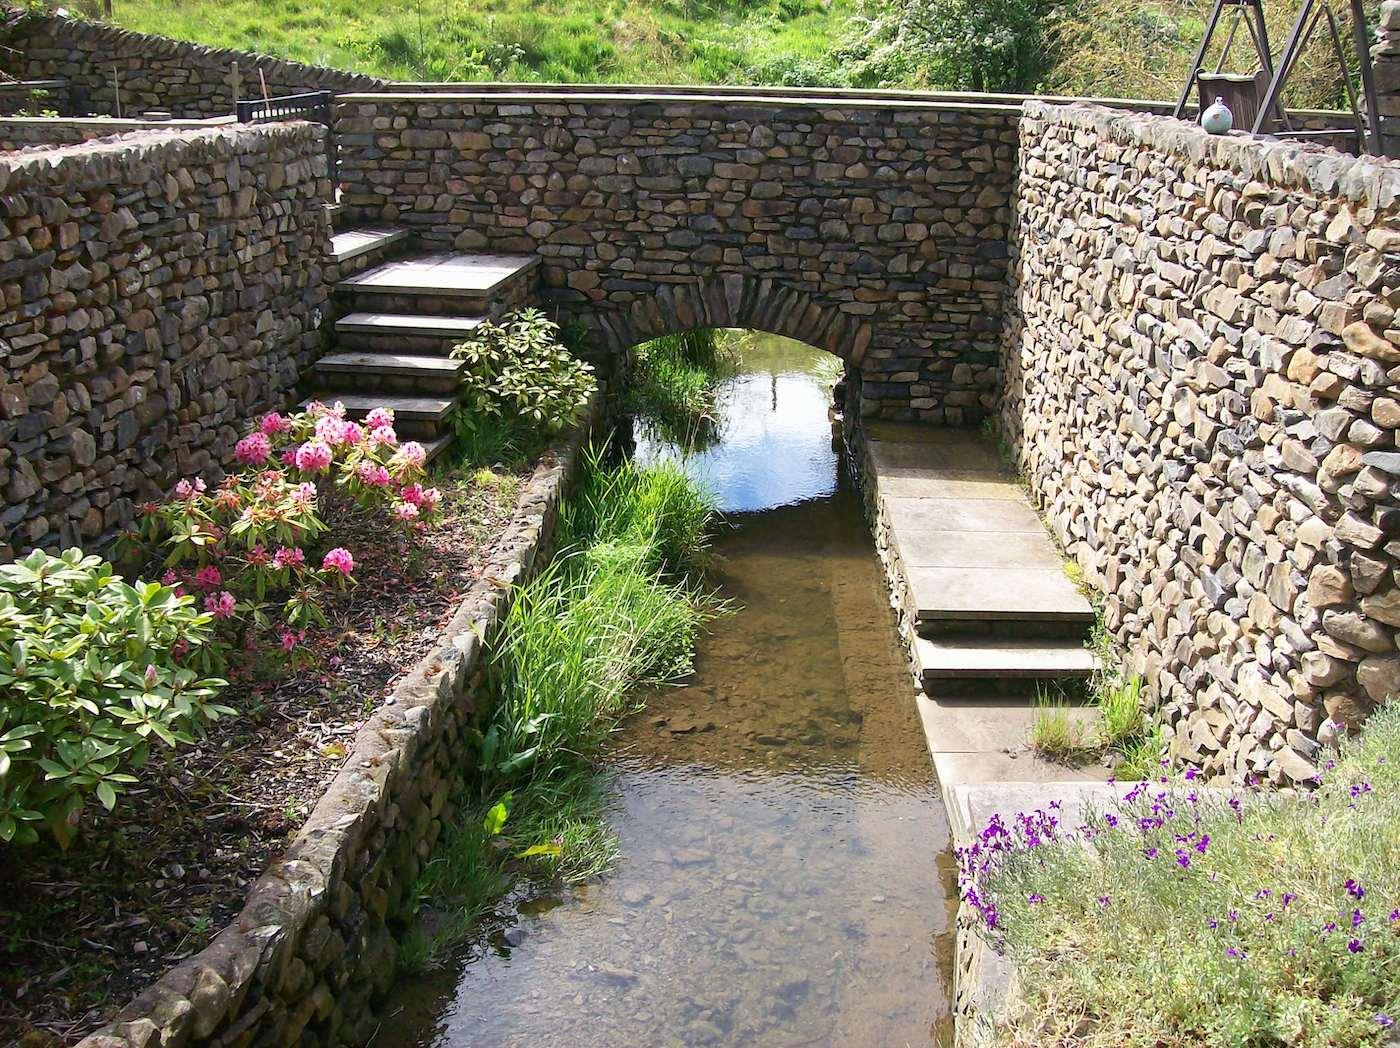 External landscaping